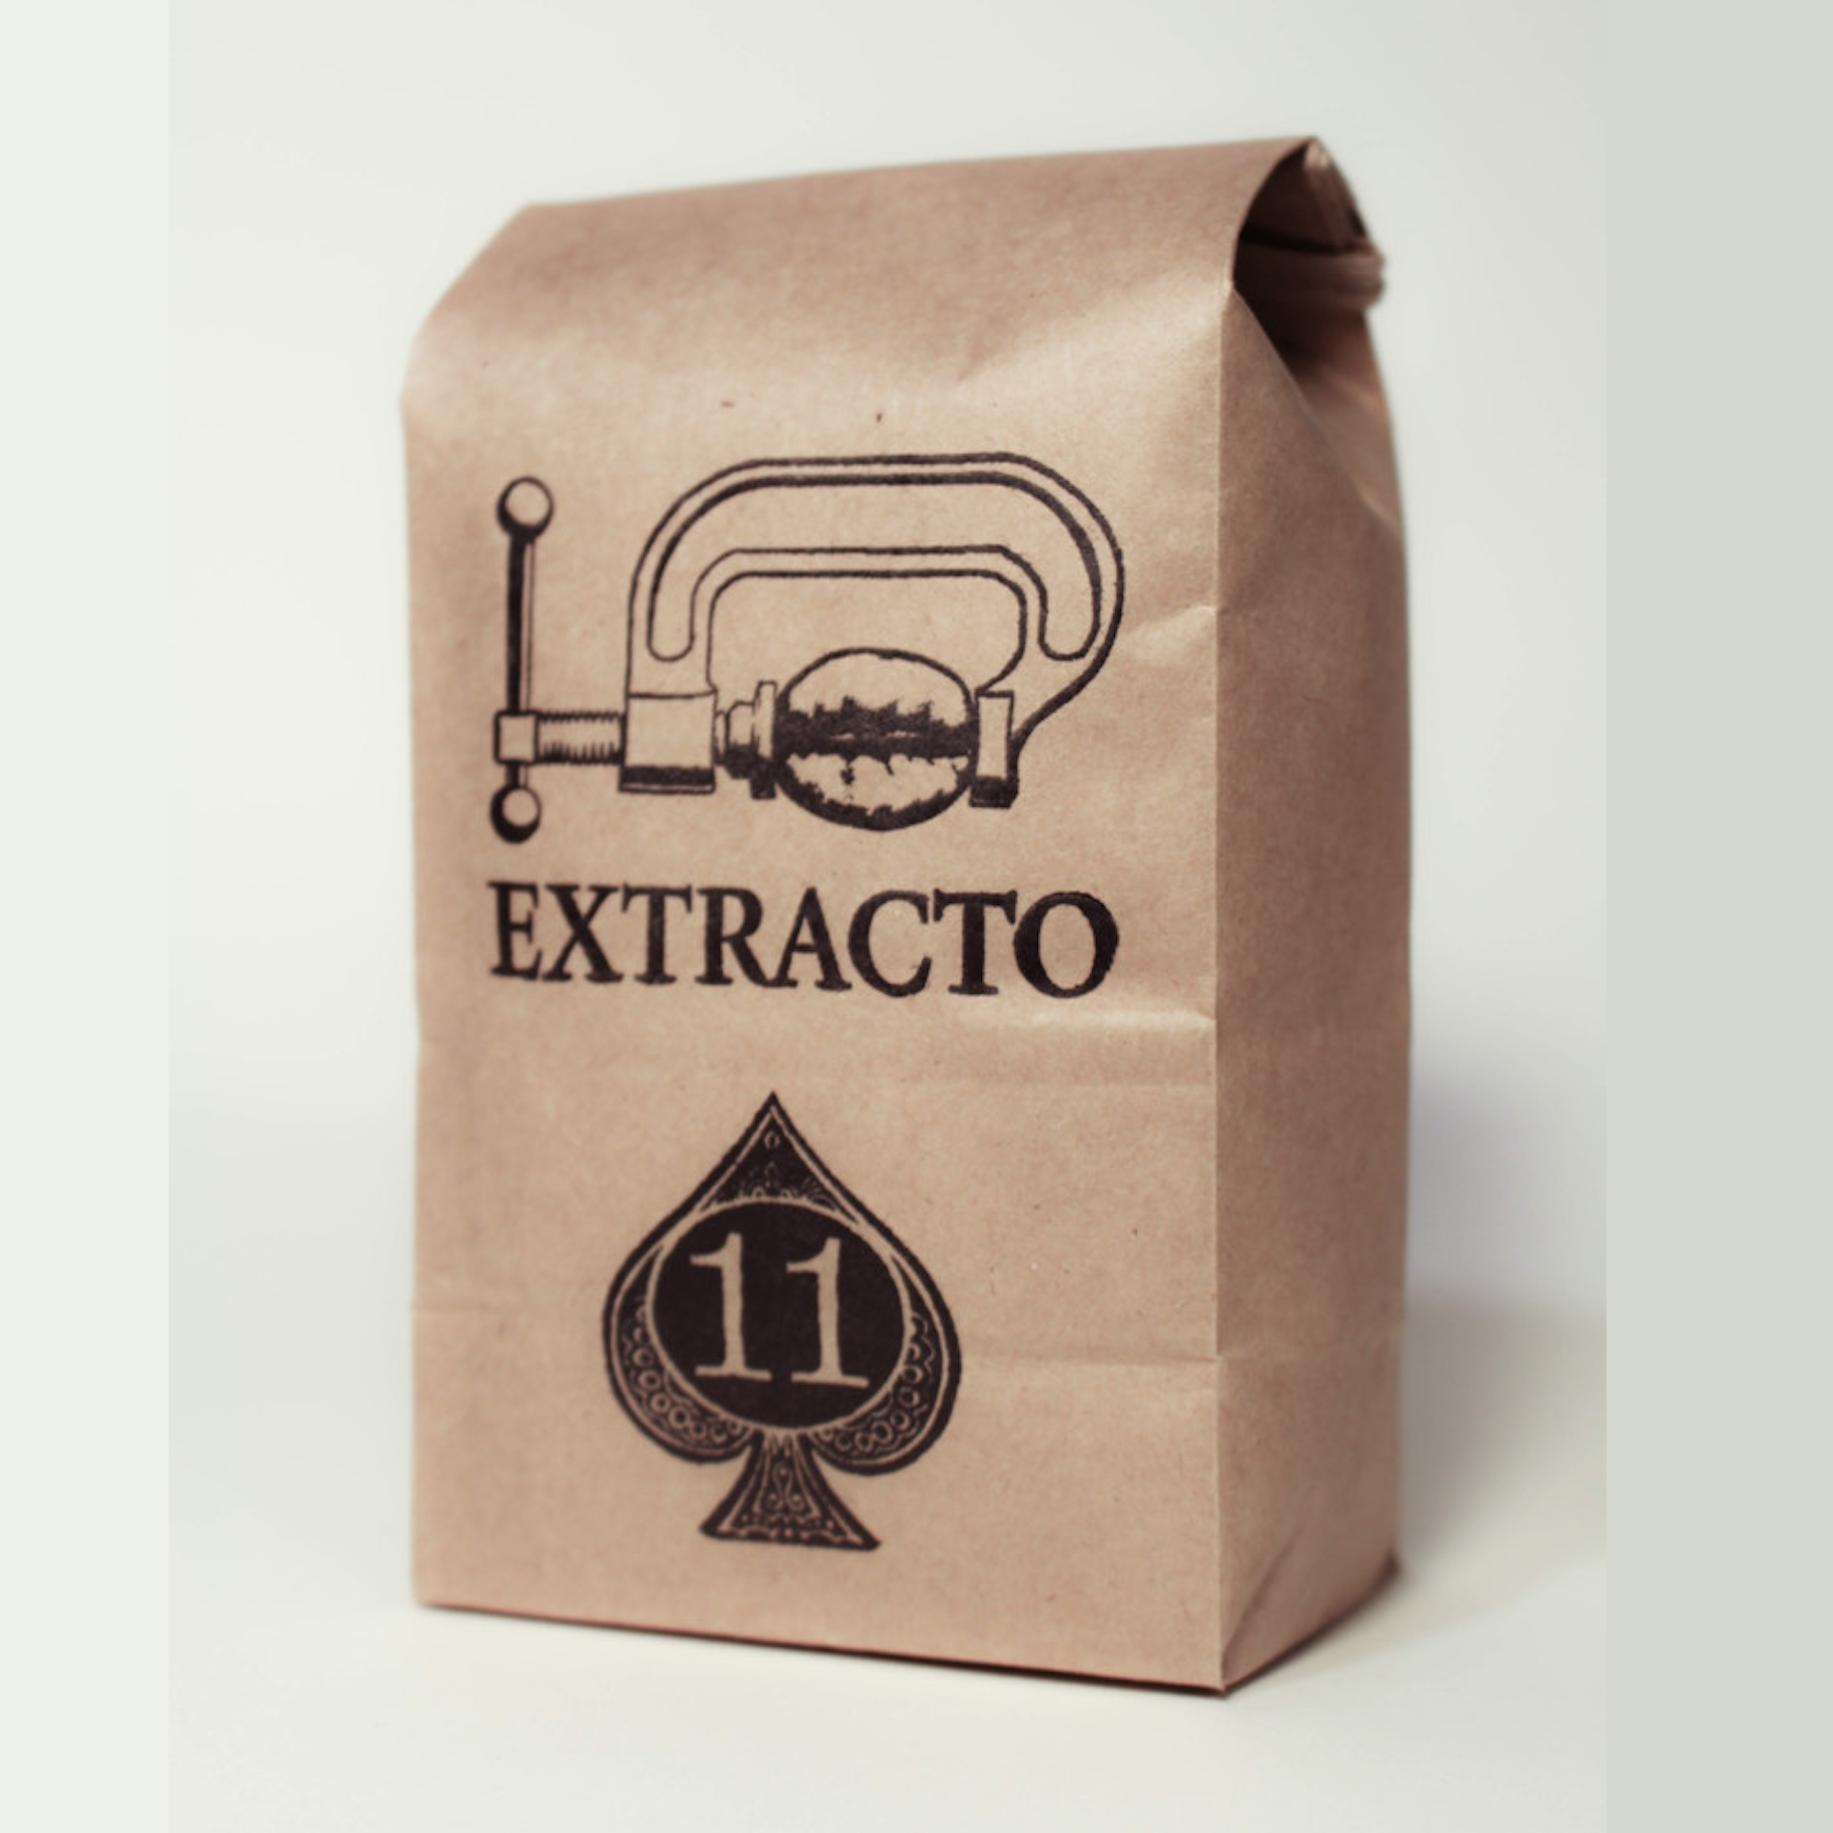 Extracto Coffee Roasters